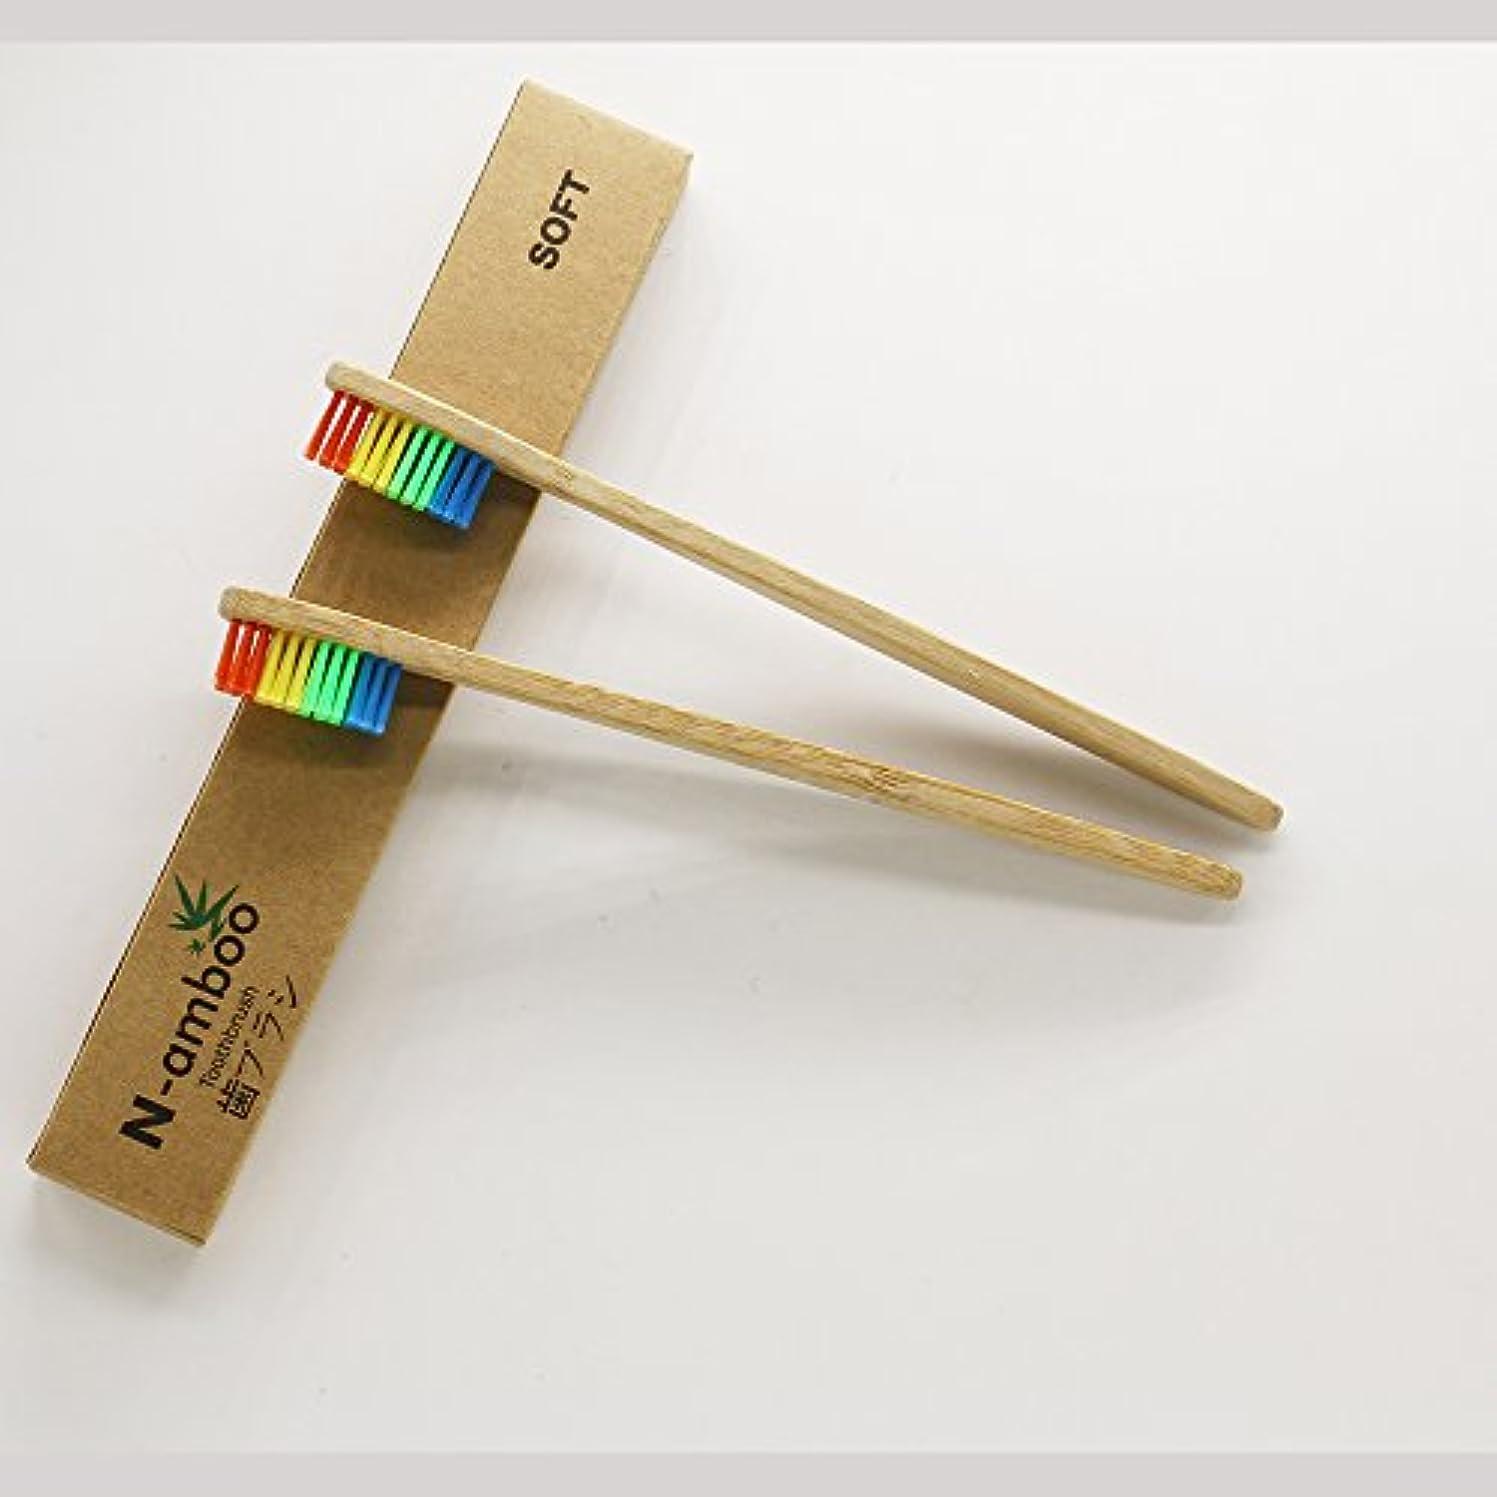 レンチバイオリニスト知り合いになるN-amboo 竹製 耐久度高い 歯ブラシ 四色 虹(にじ) 2本入り セット